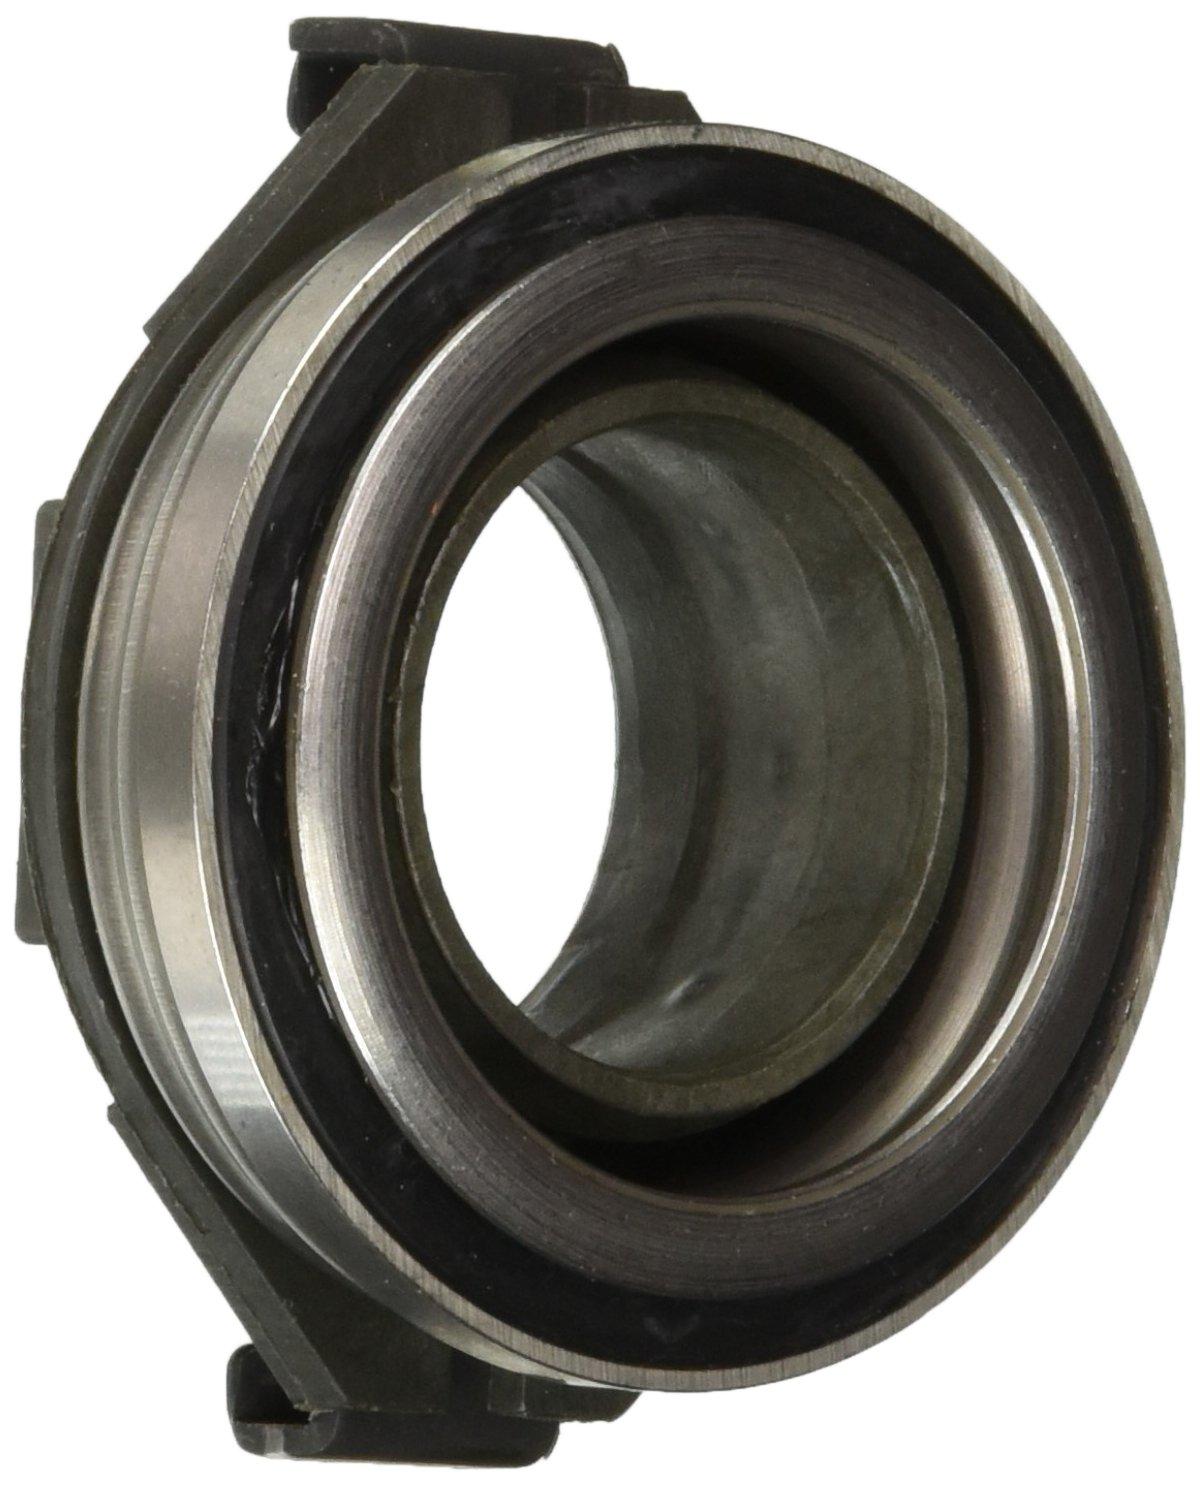 Kia 41412-4Z000 Clutch Release Bearing